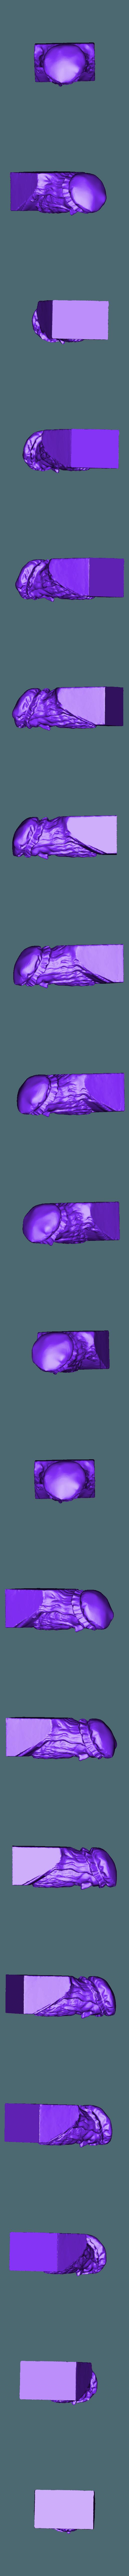 LeonardoDaVinciBust.stl Télécharger fichier STL gratuit Buste de Léonard de Vinci • Plan imprimable en 3D, 3DWP